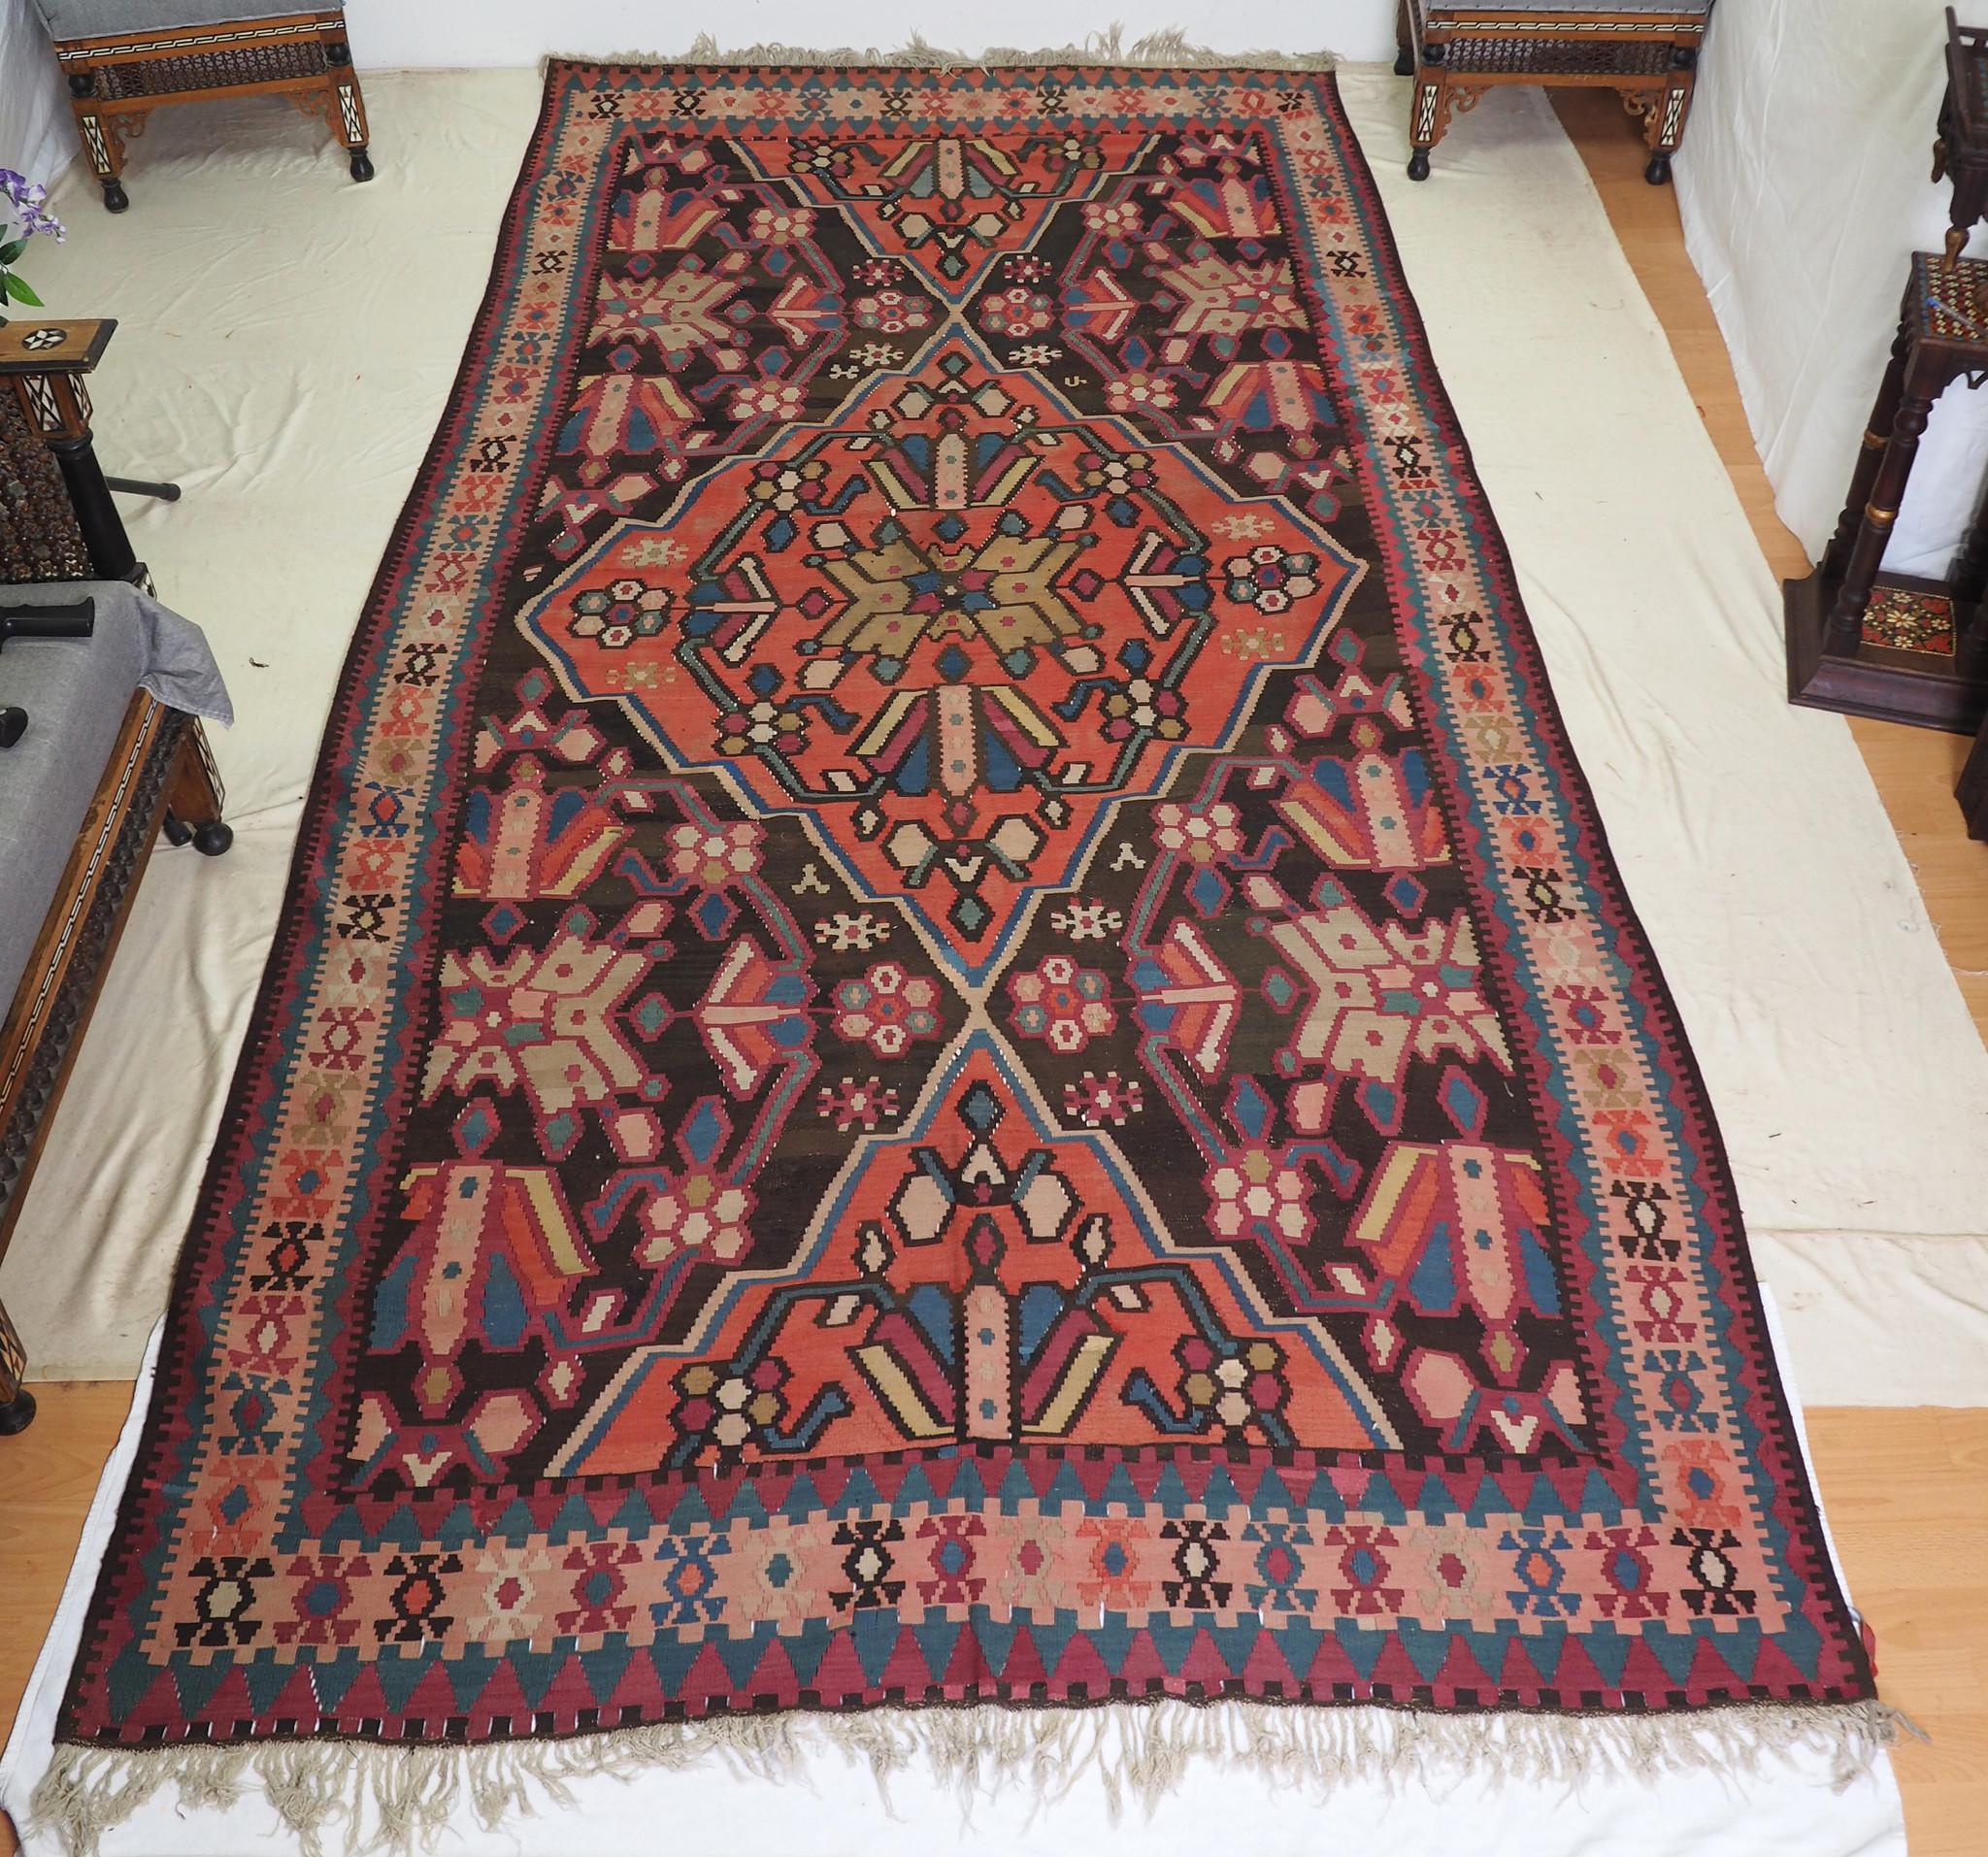 366x180 cm antike handgewebte orient kazak Teppich Nomaden kaukasische kelim No:808